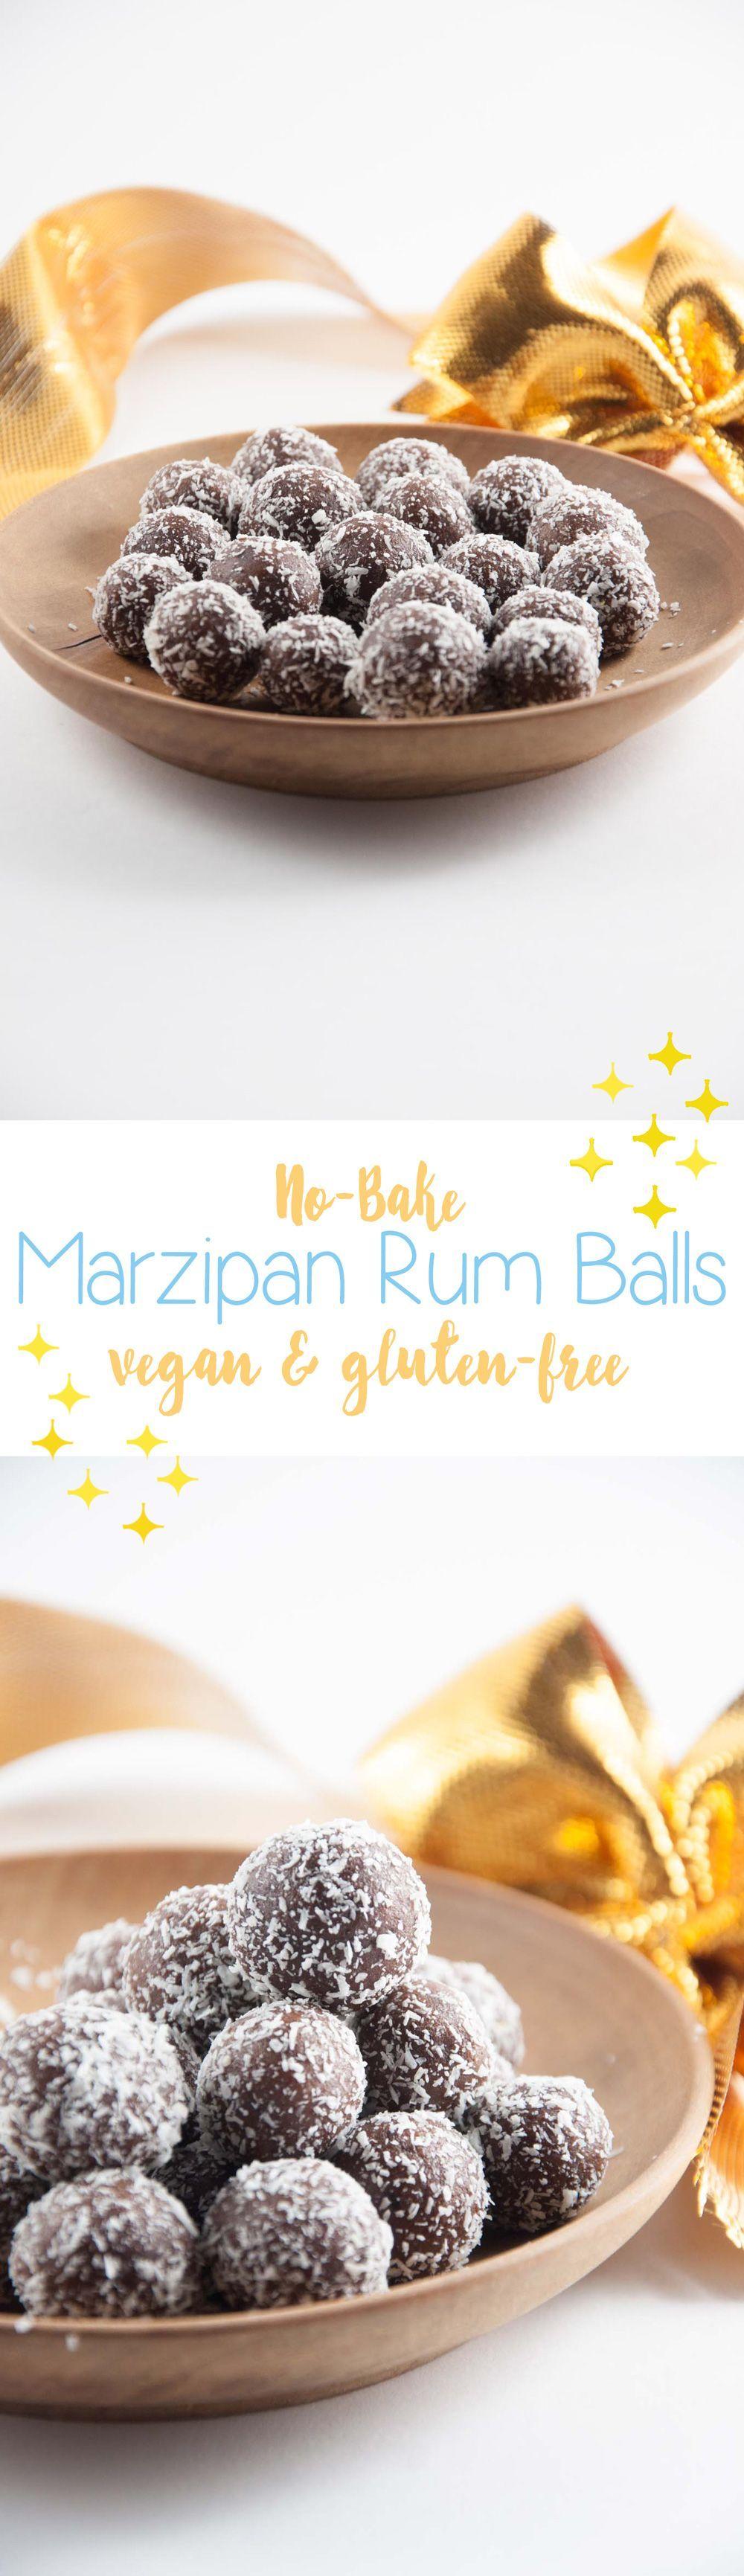 Marzipan Rum Balls